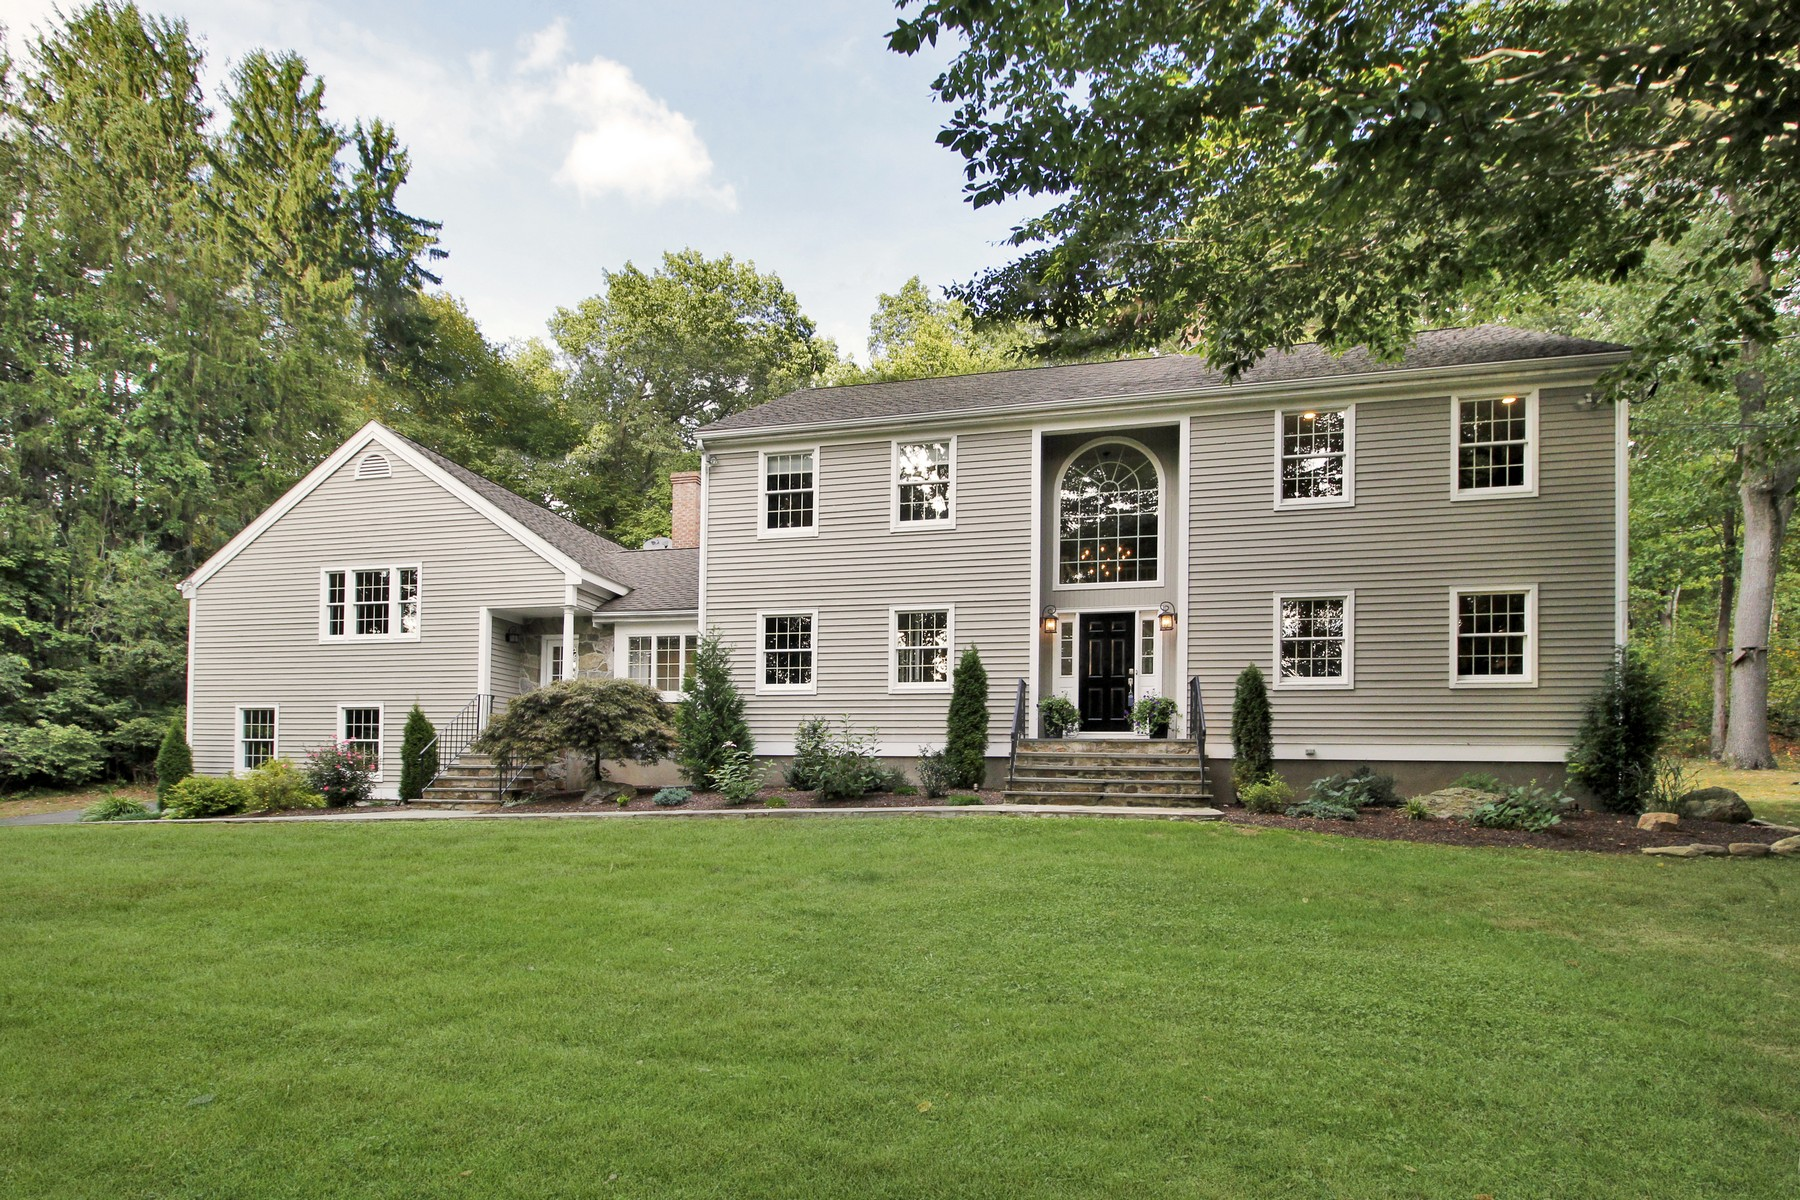 Частный односемейный дом для того Продажа на Stately Expansive Colonial on EastonFairfield Border 15 Reilly Road Easton, Коннектикут 06612 Соединенные Штаты